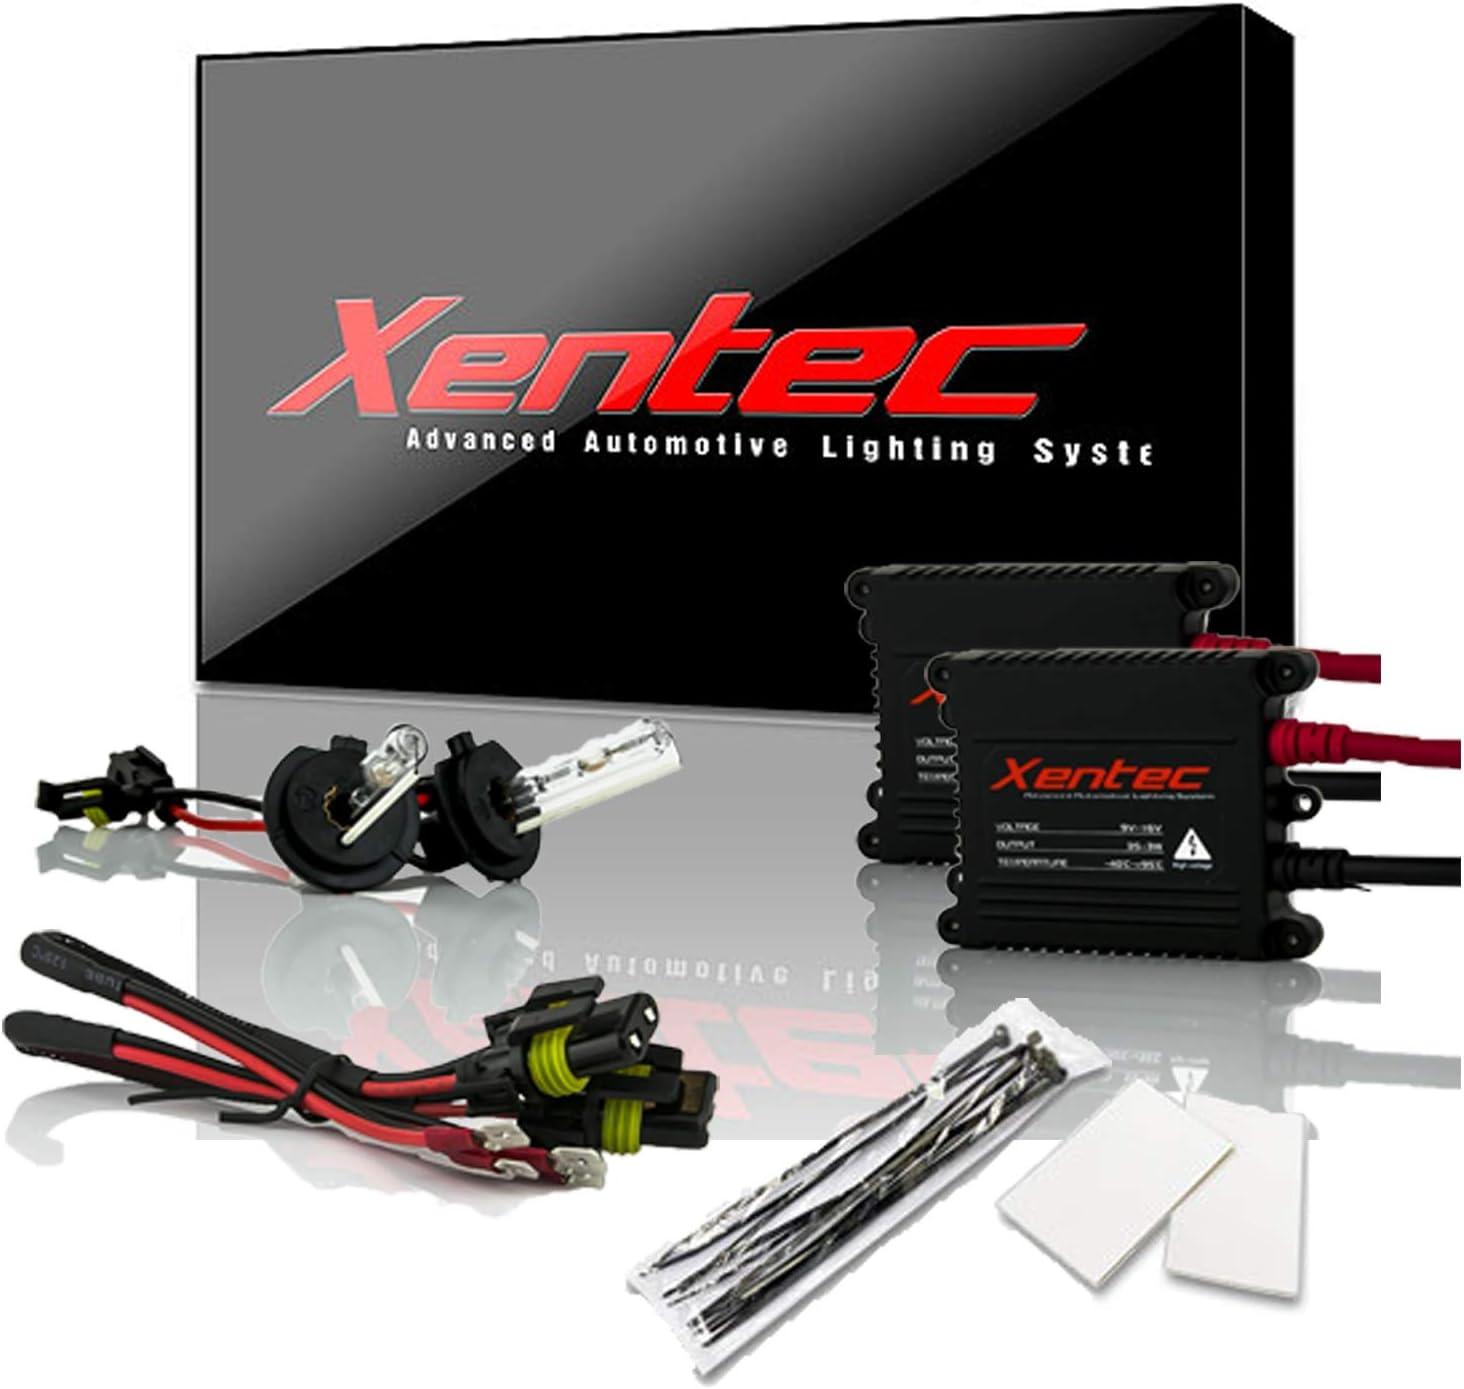 XENTEC LED HID Headlight kit H7 White for Dodge Sprinter 3500 2003-2009